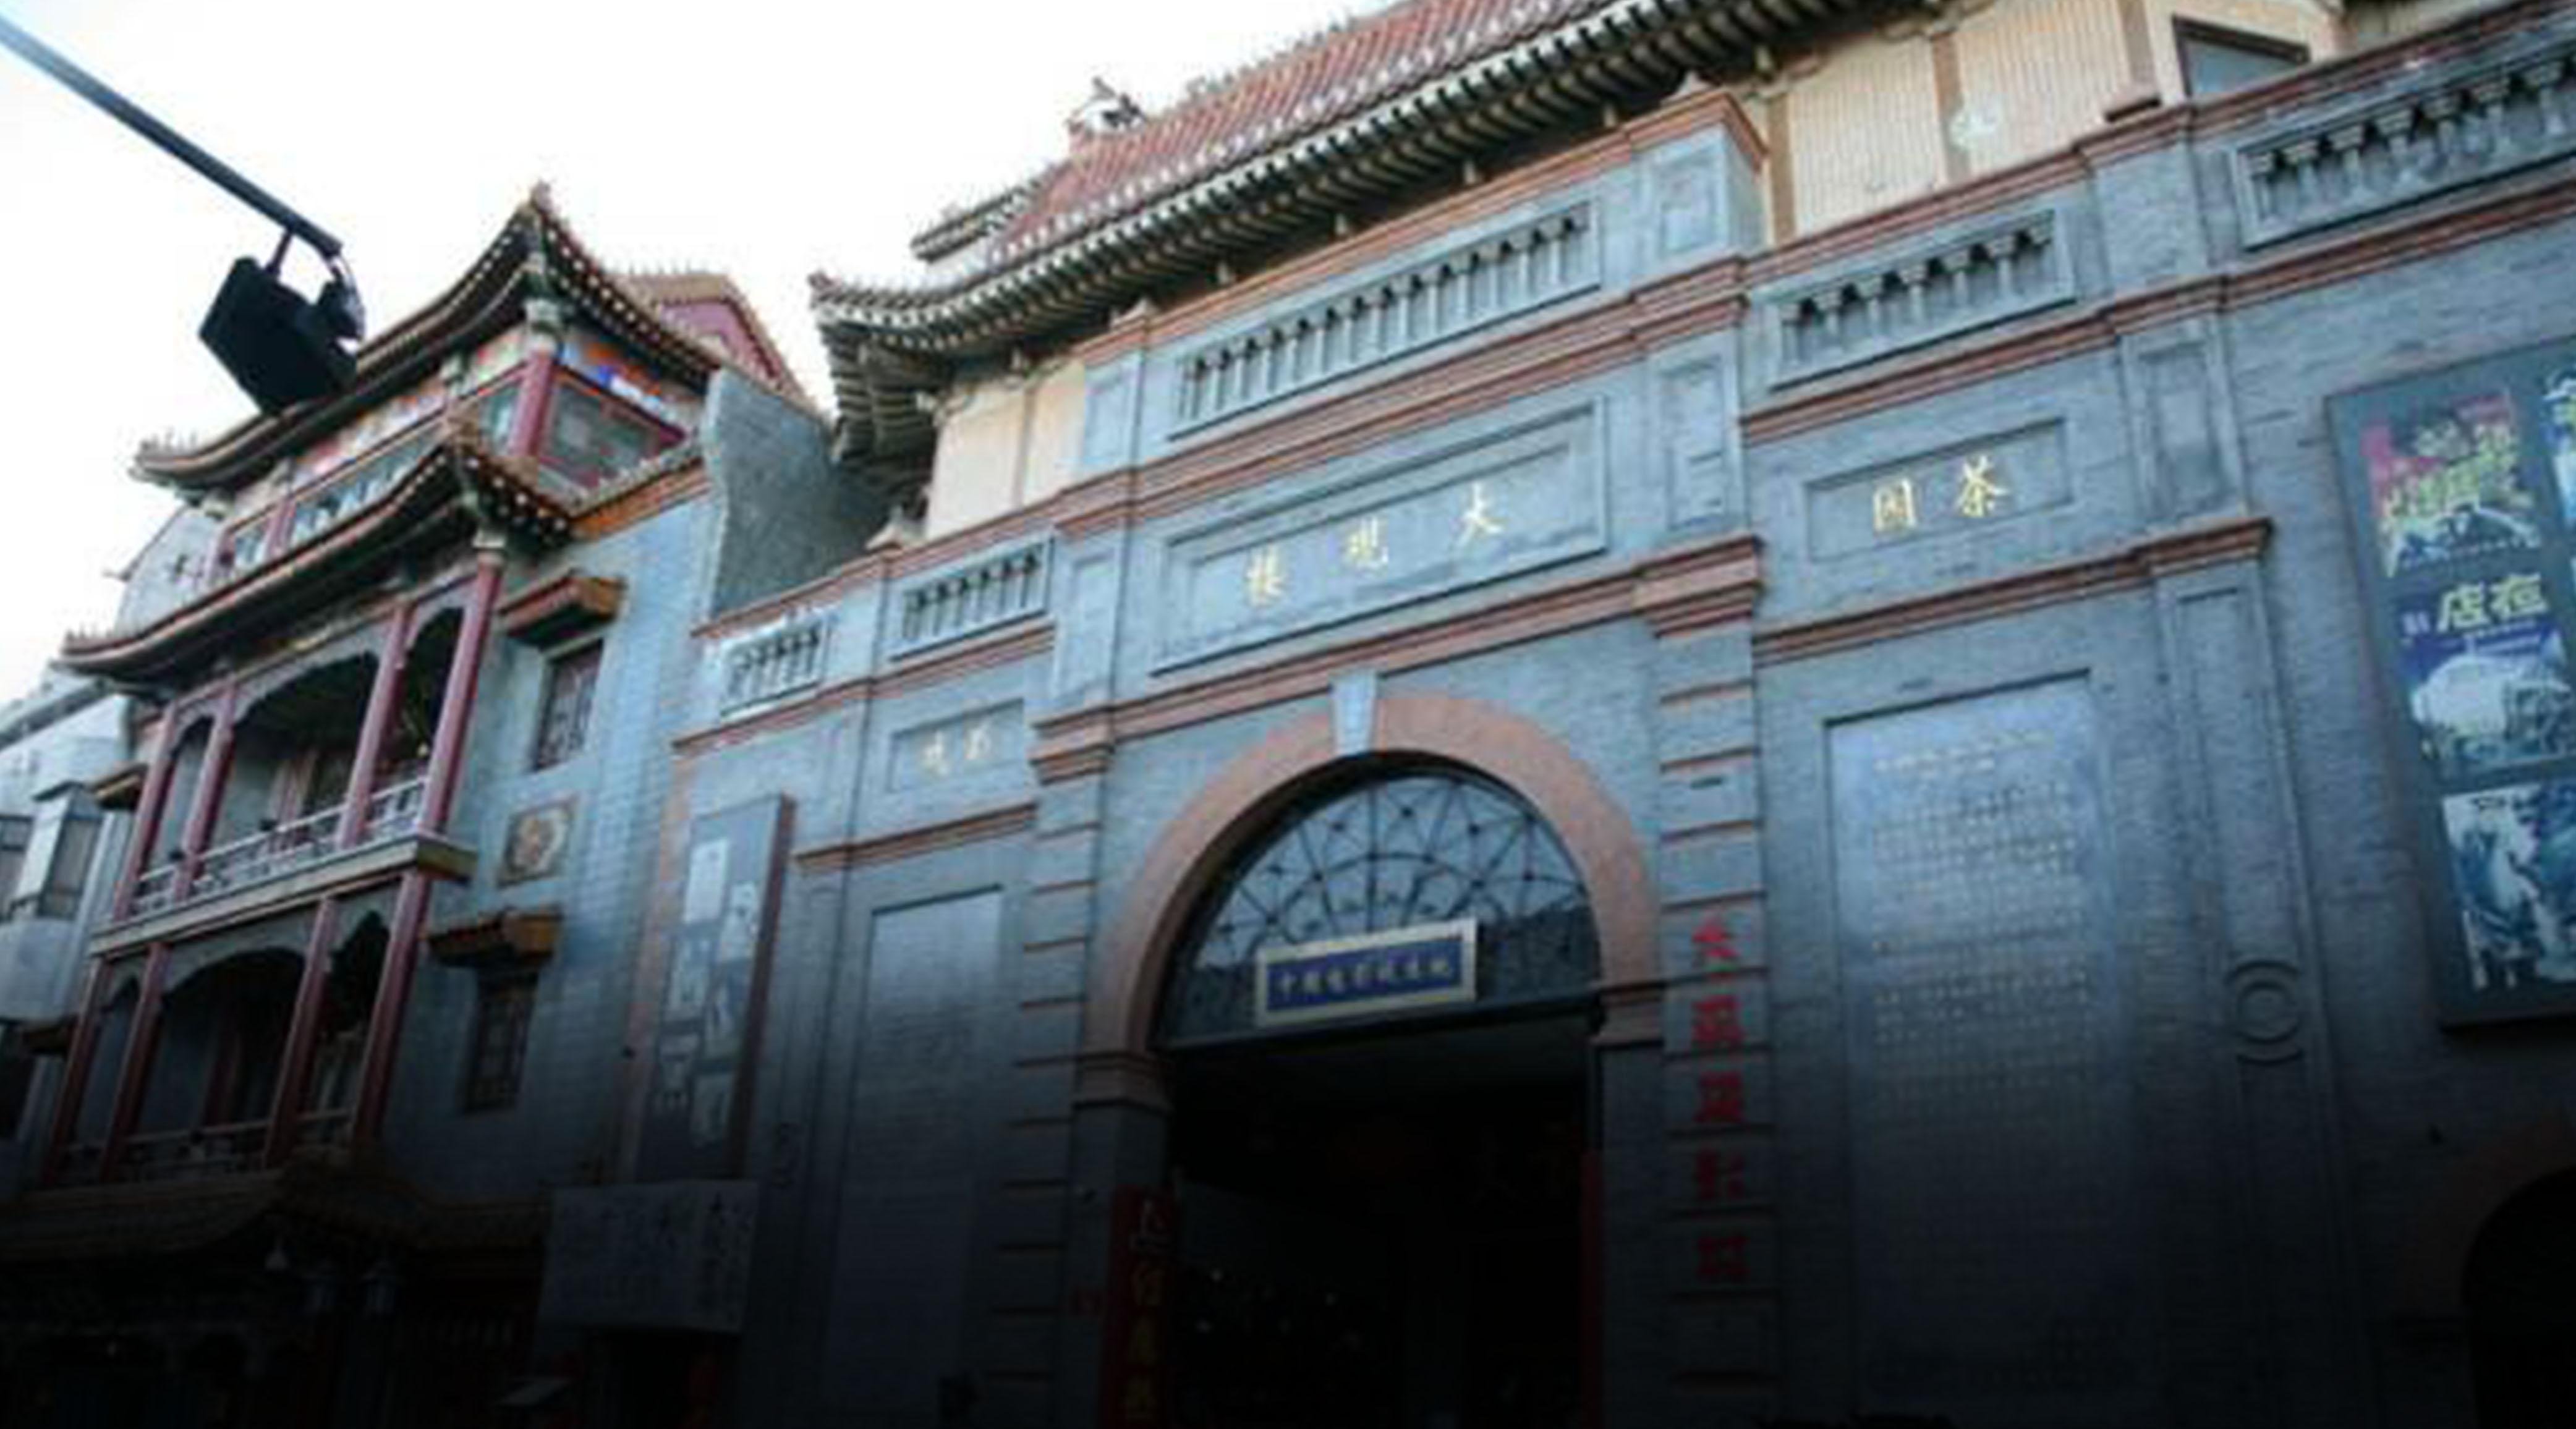 北京城区22家老影院现状调查:最高单日票房30万,最低刚过万